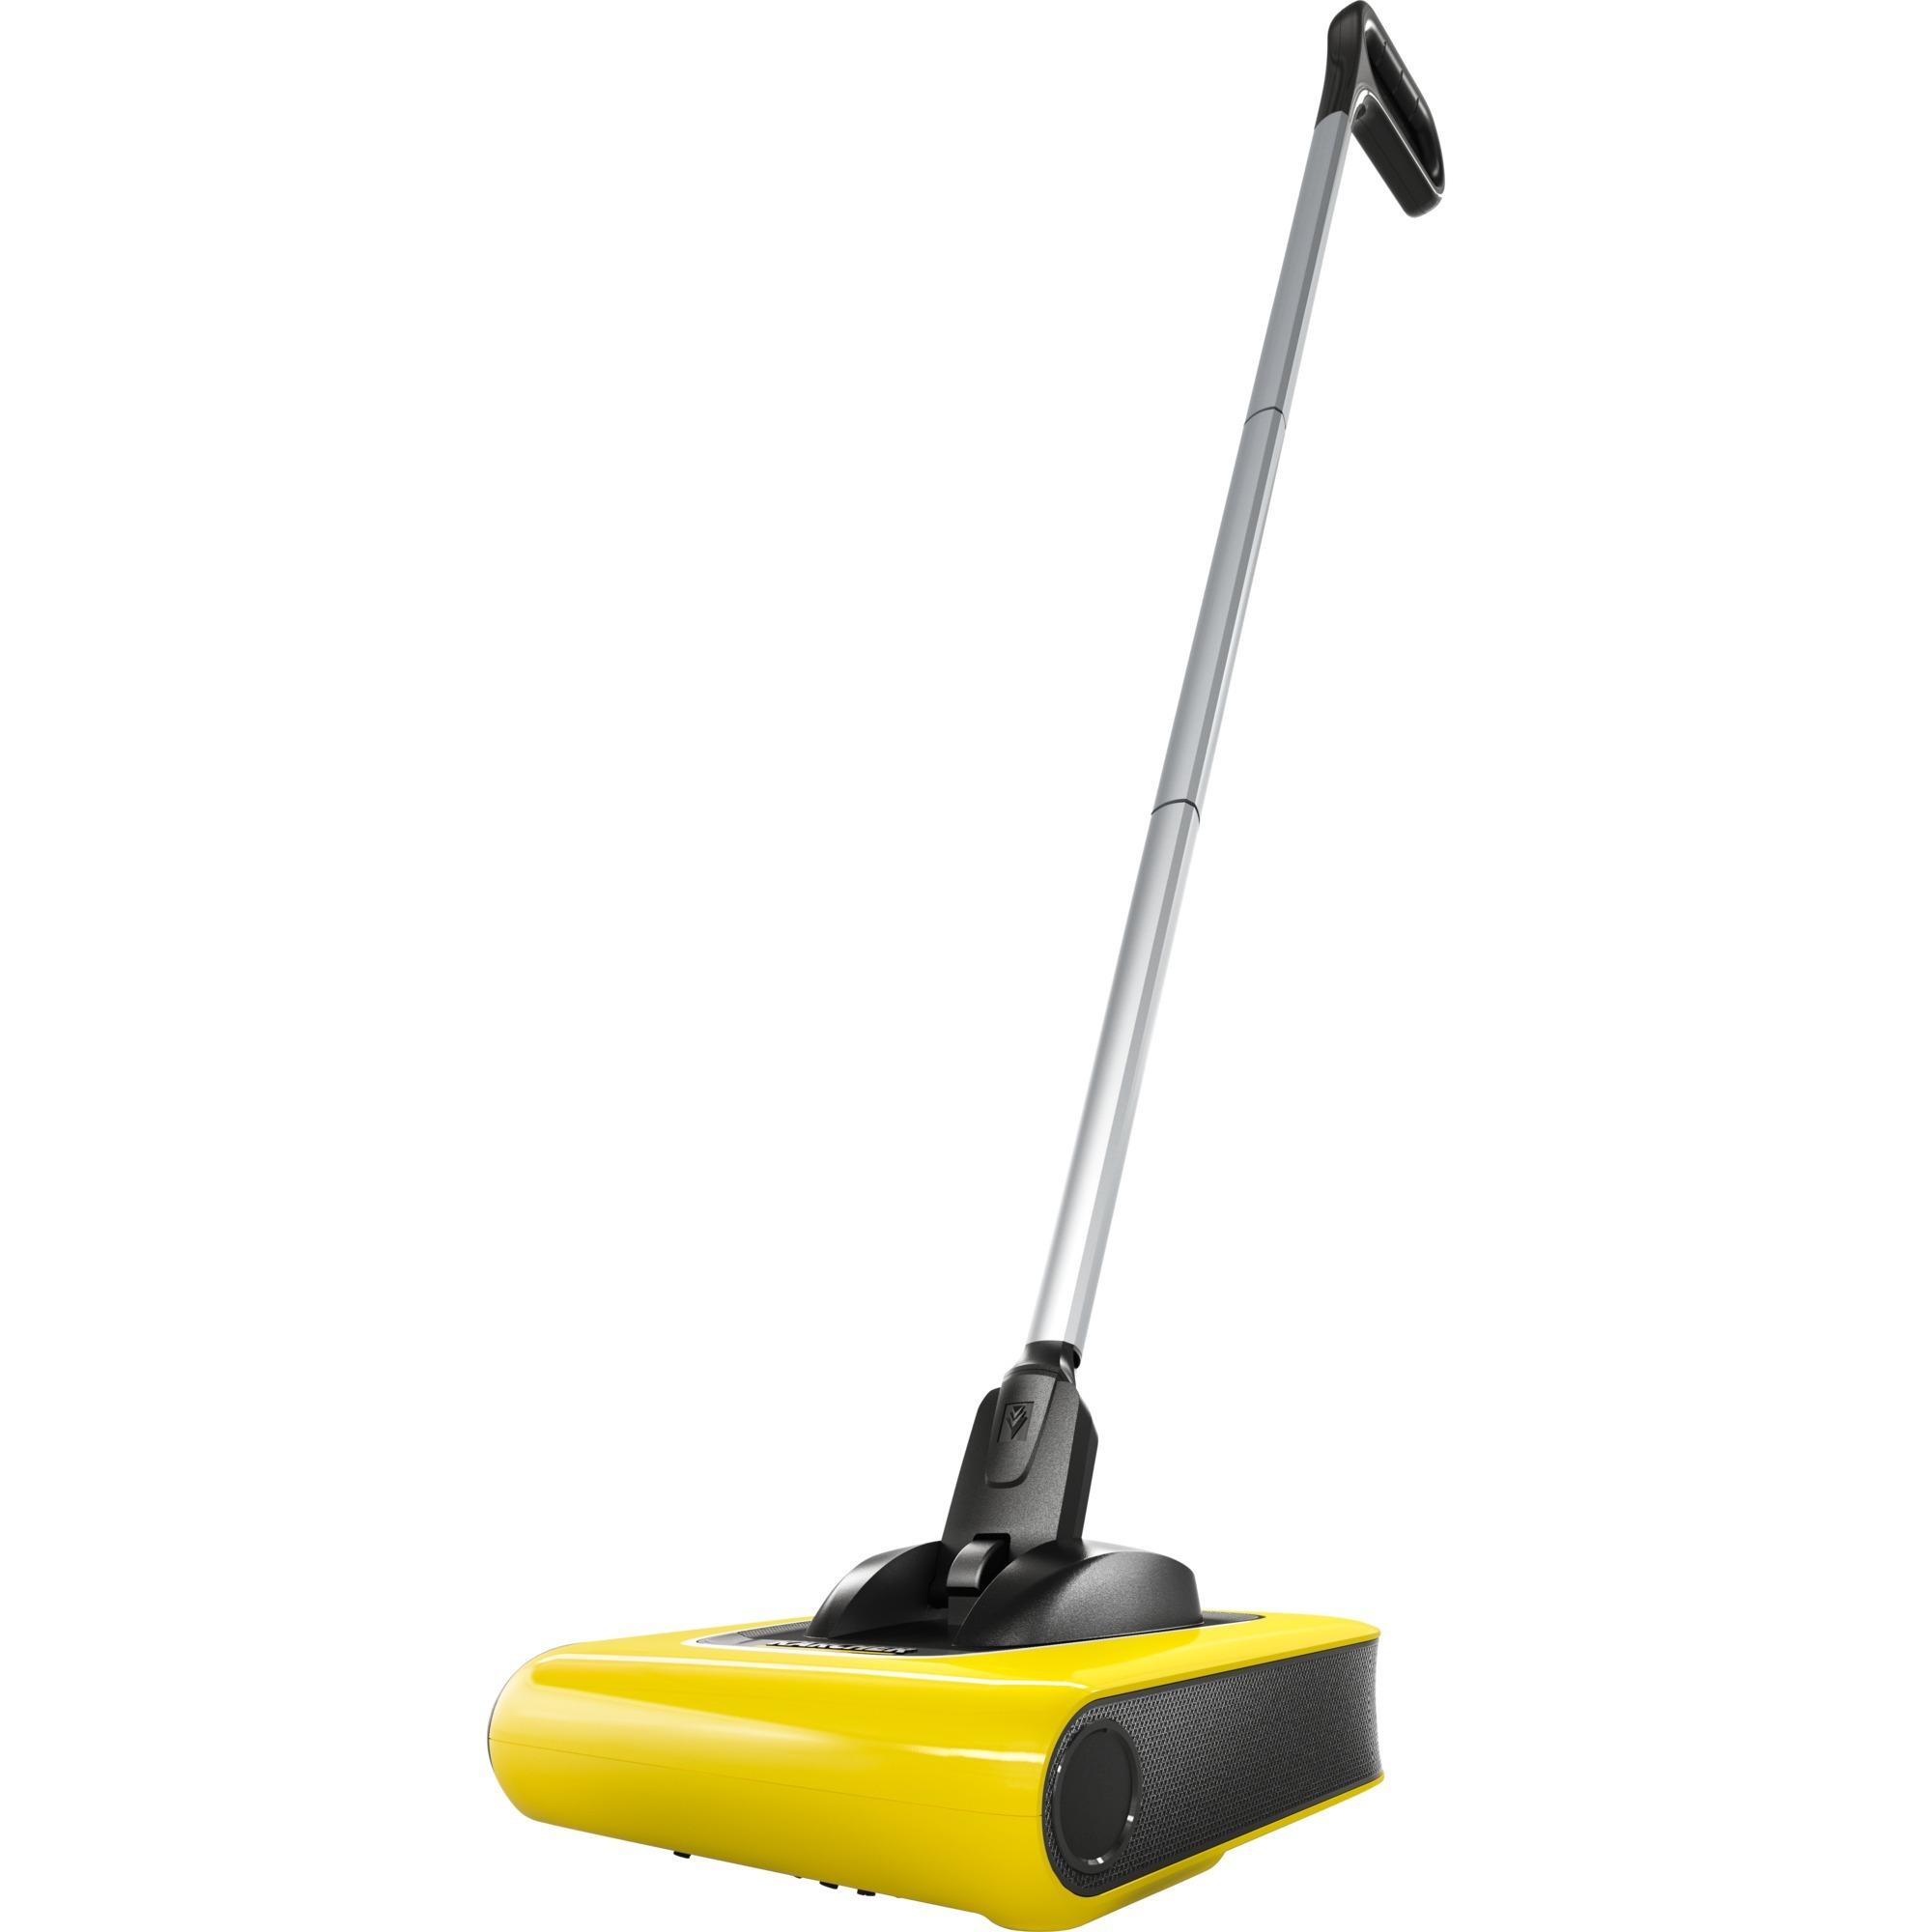 KB 5 Sin bolsa Negro, Amarillo 0,37 L, Aspiradora de suelo